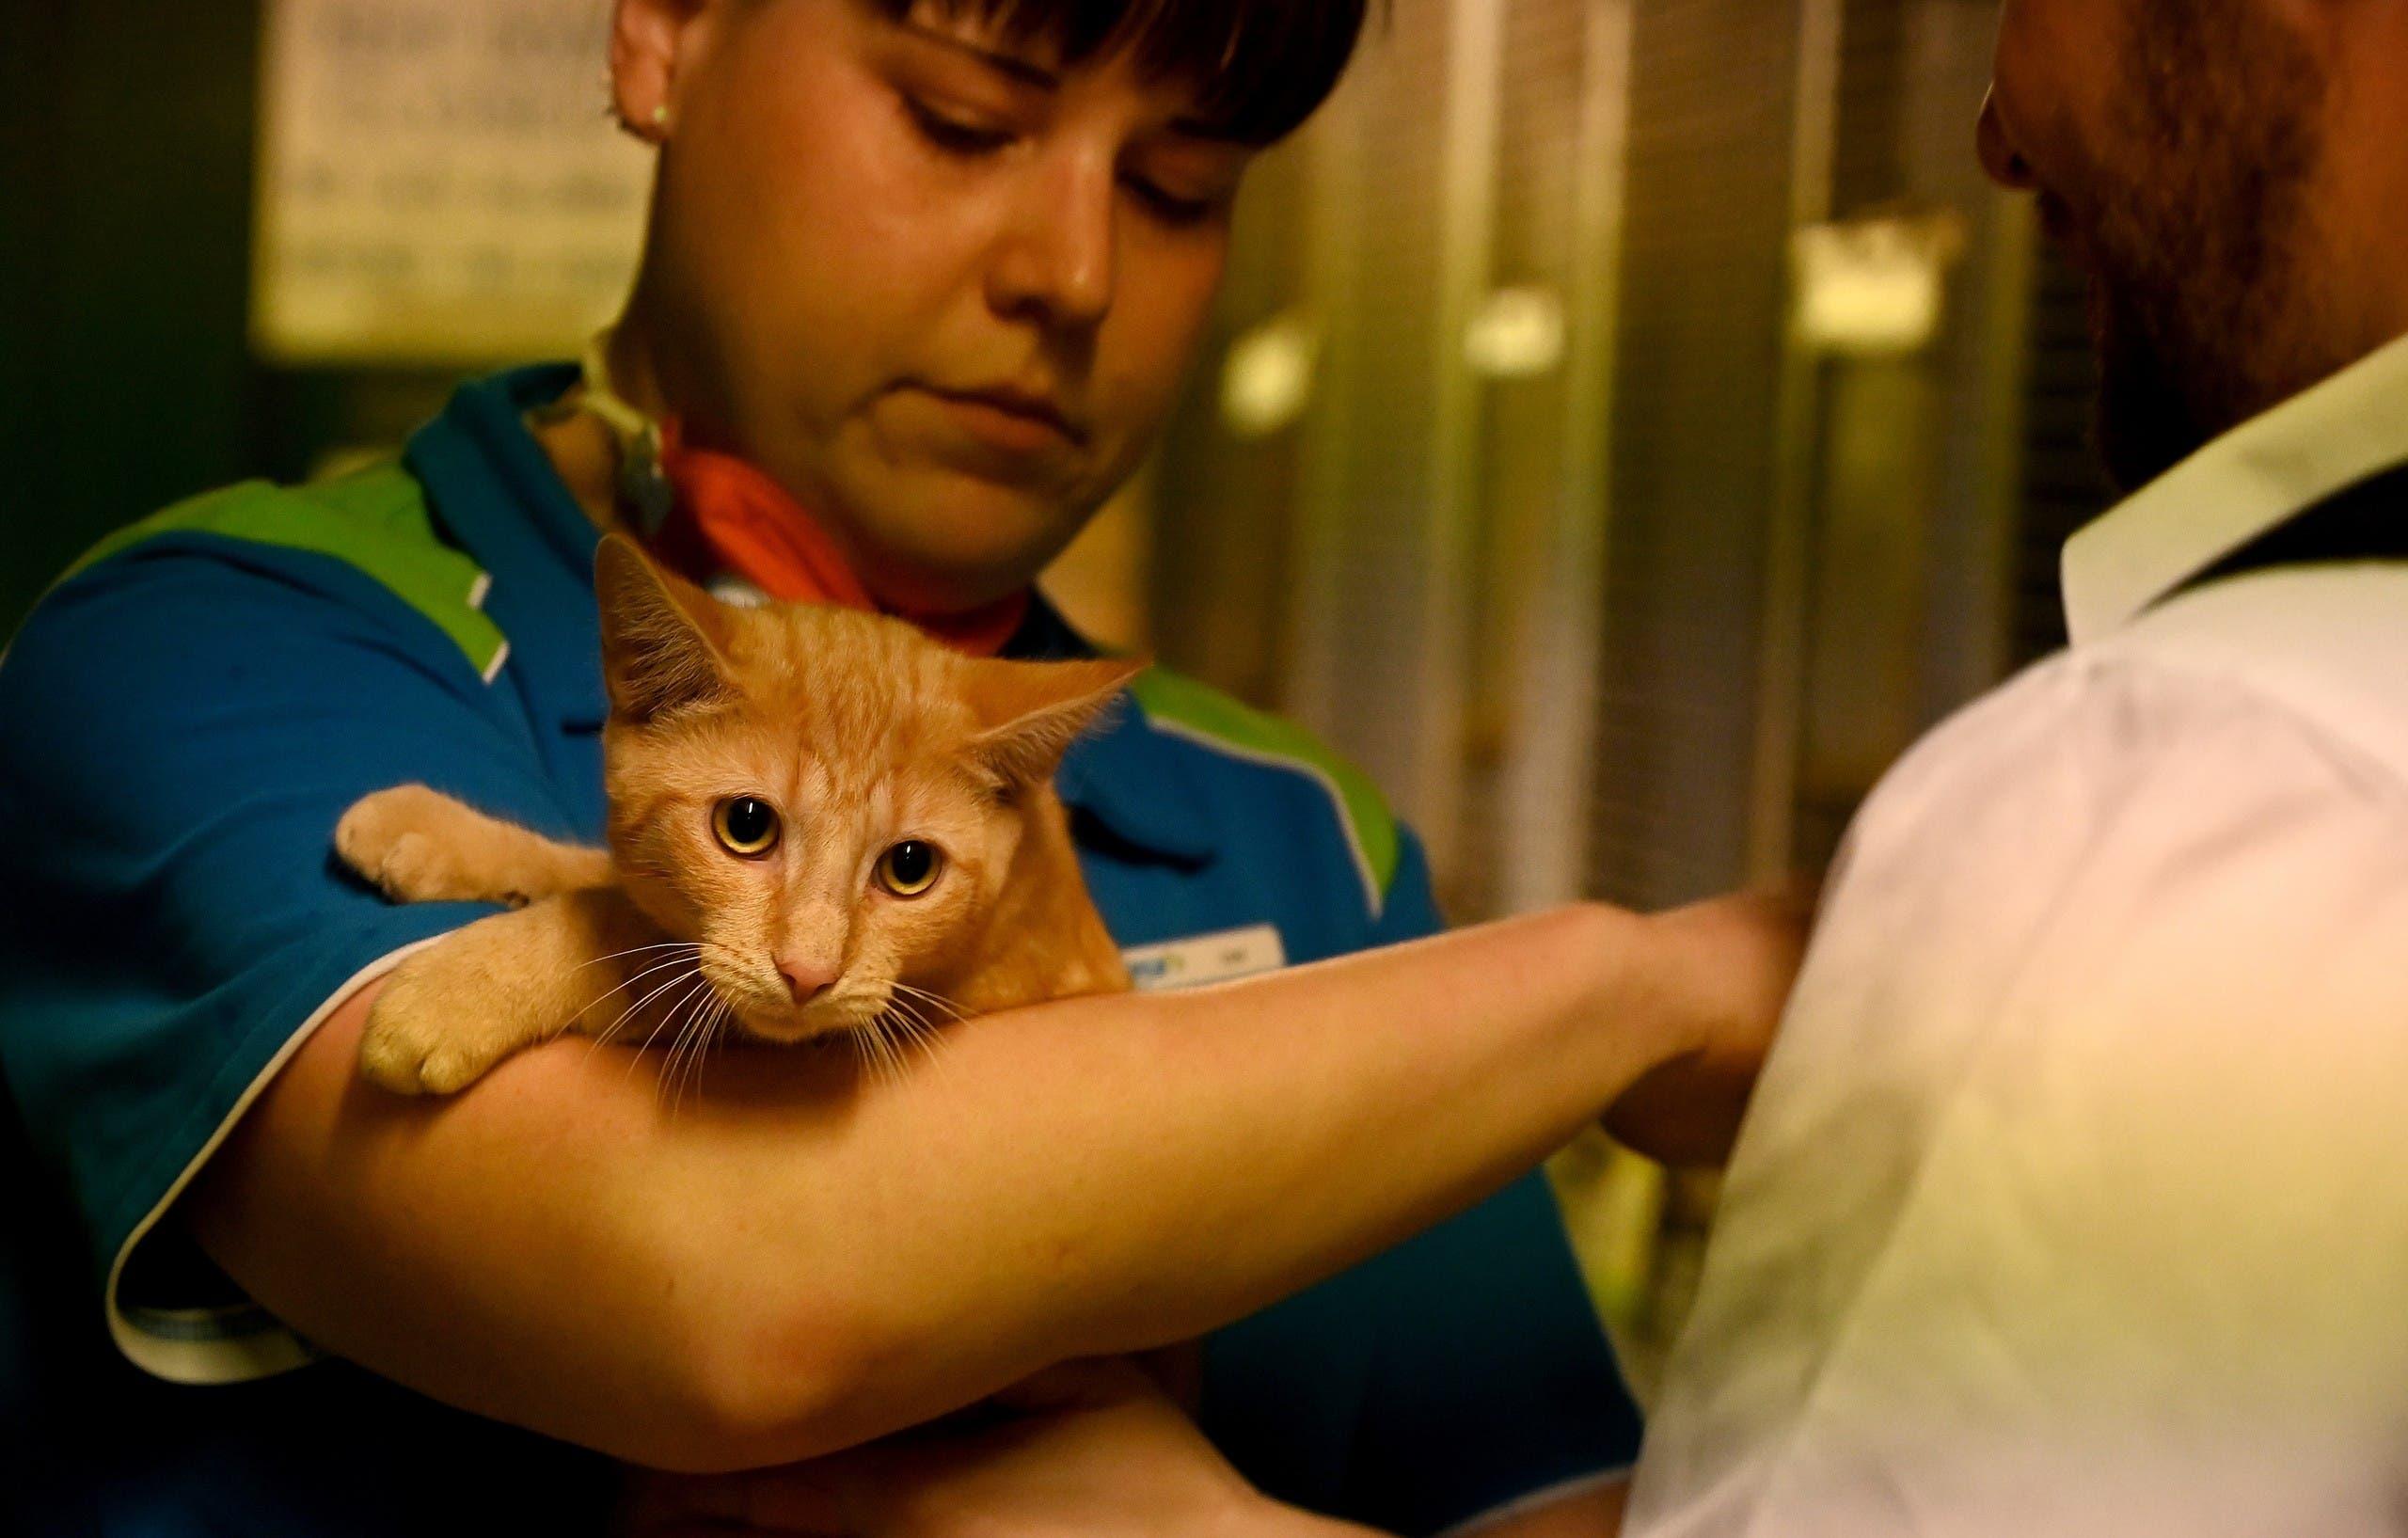 متطوع يحمل قطة في مؤسسة آر. إس. بي. سي. إيه الخيرية